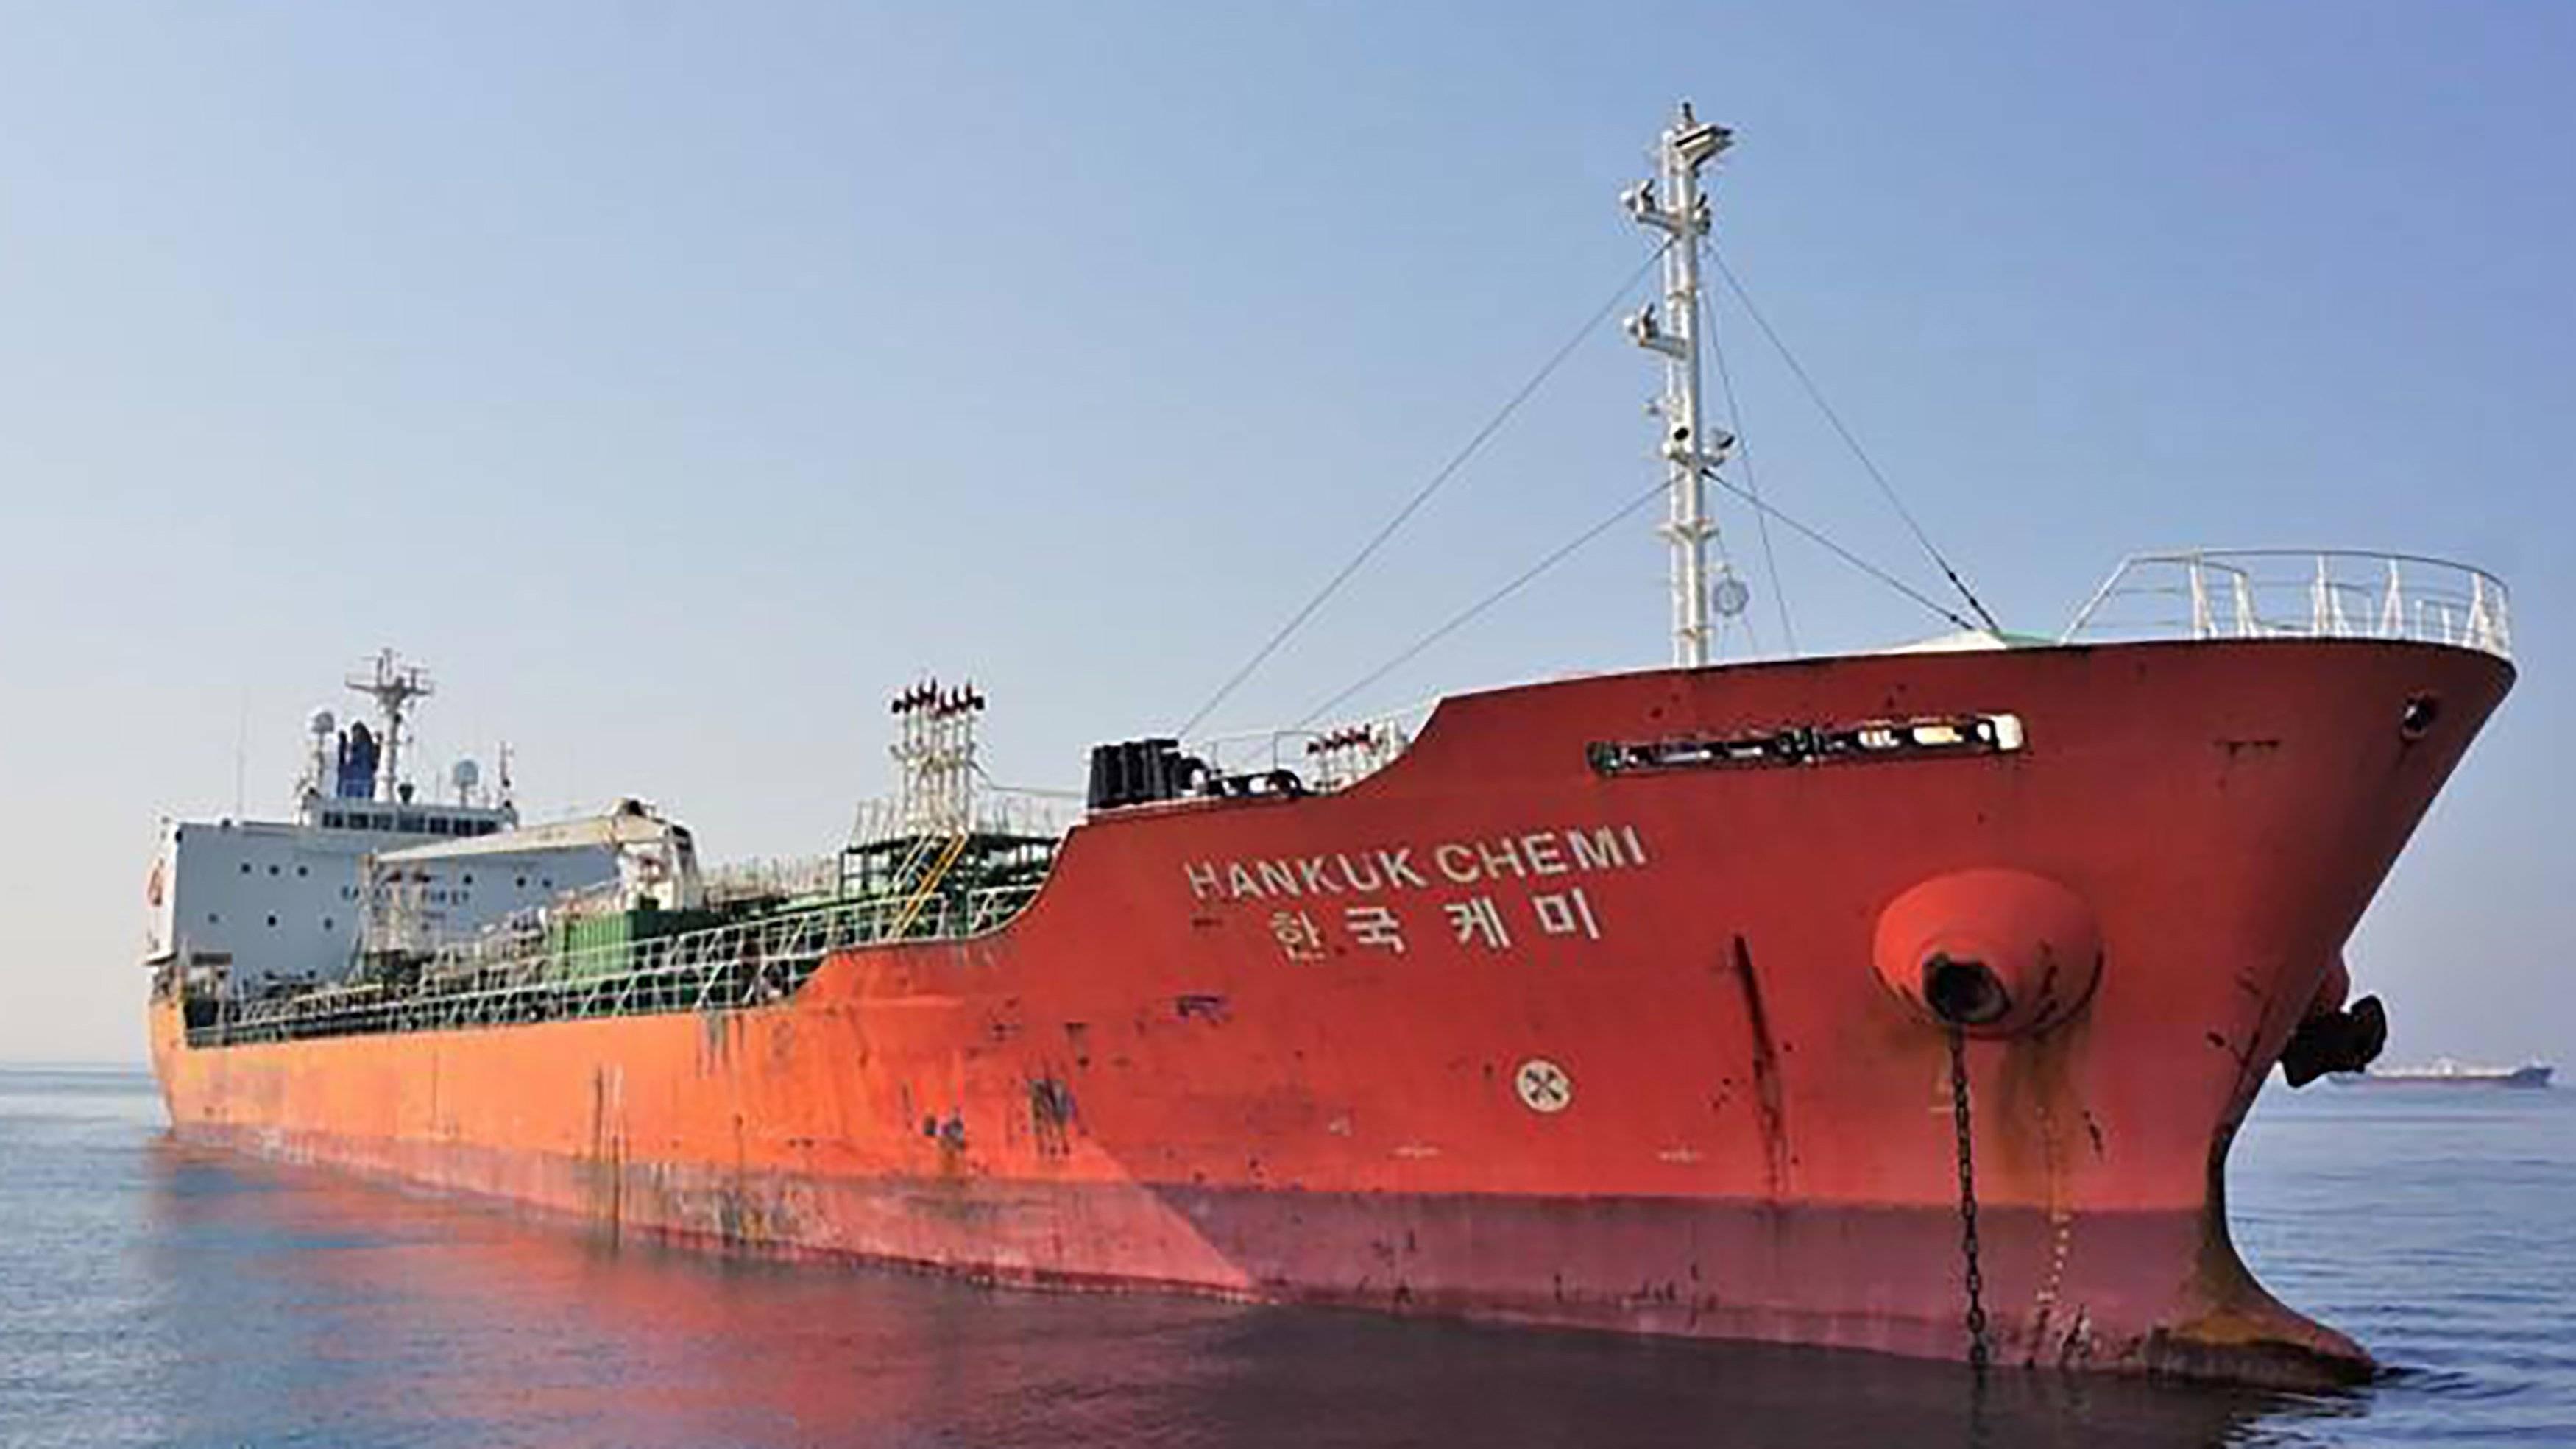 为应对韩籍船只被伊朗扣留事件,船东委托保赔协会赴当地调查